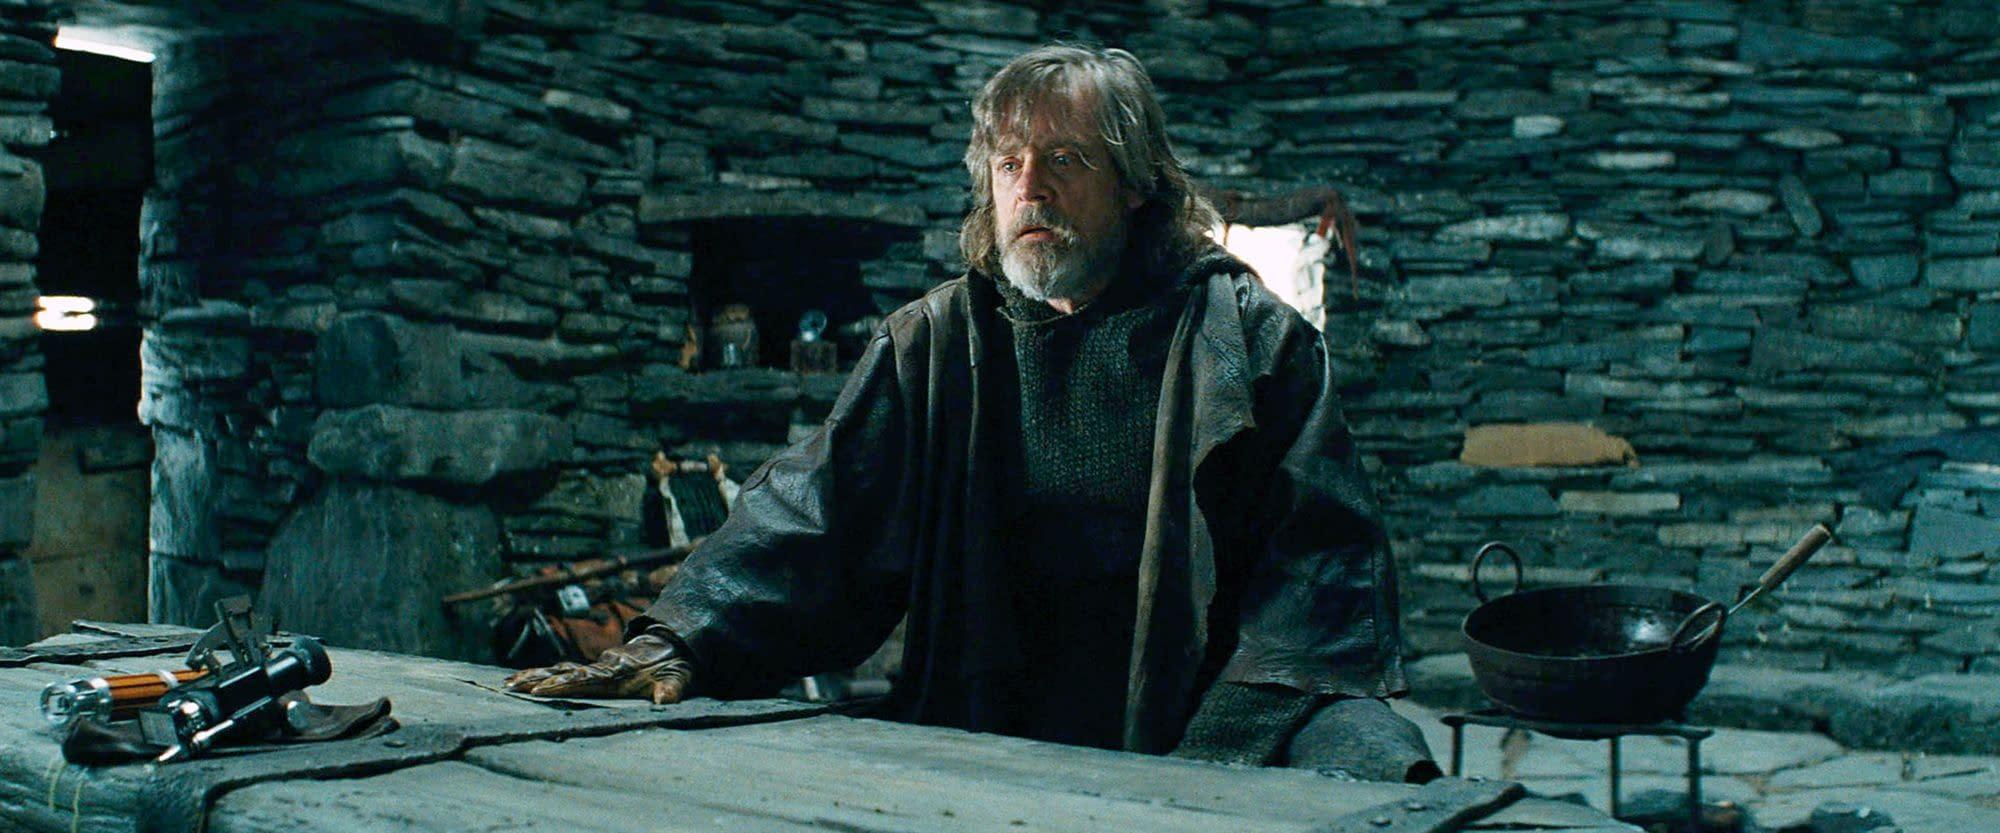 Mark Hamill Wants Luke Skywalker to Be a Spooky Force Ghost